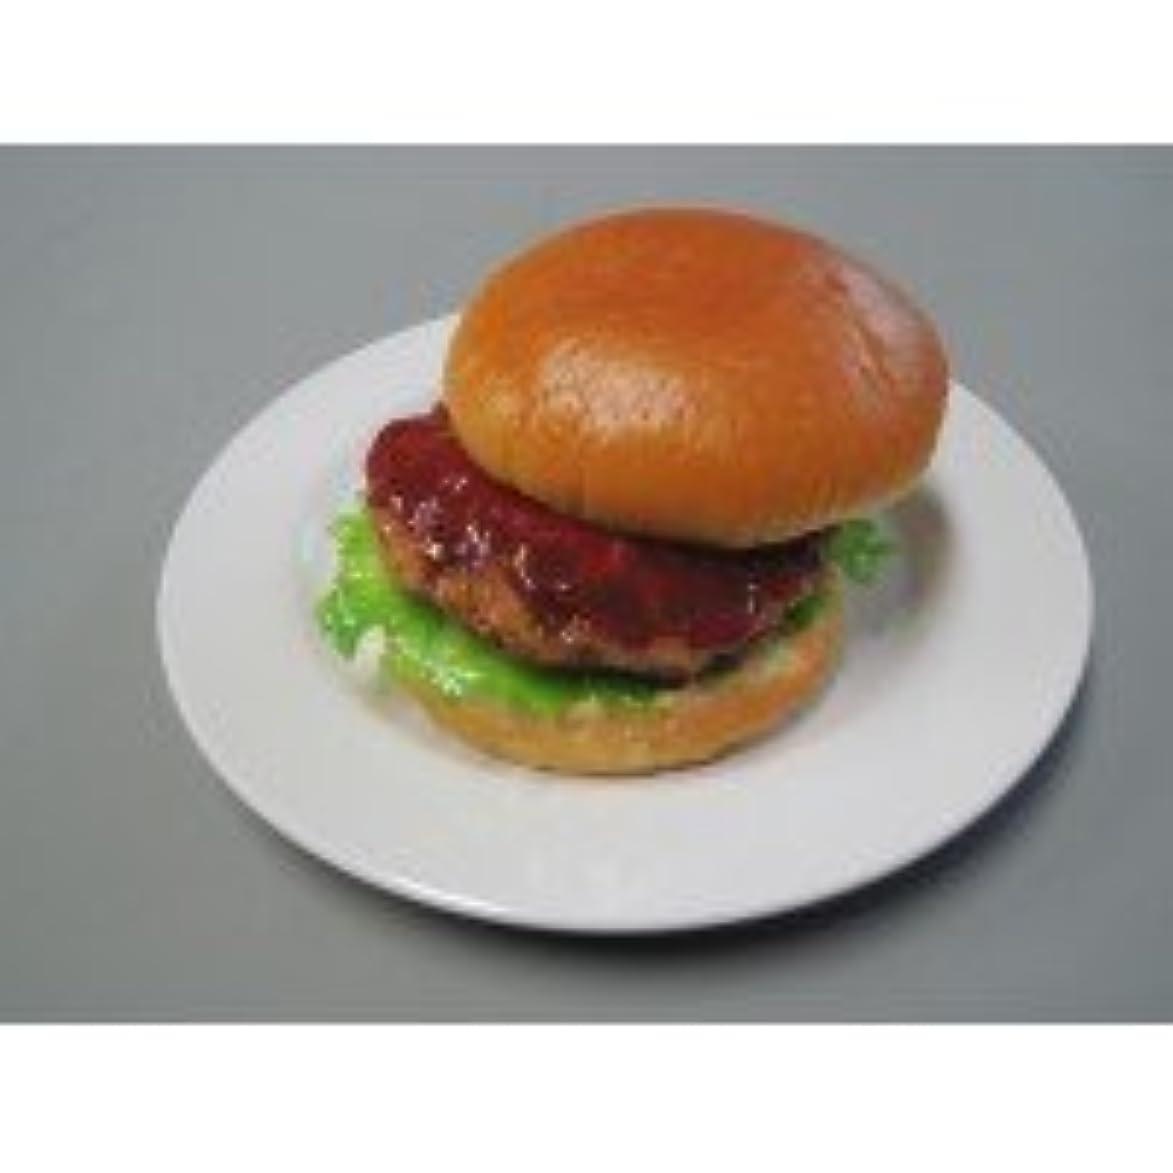 アグネスグレイプレゼン残基日本職人が作る 食品サンプル ハンバーガー IP-198